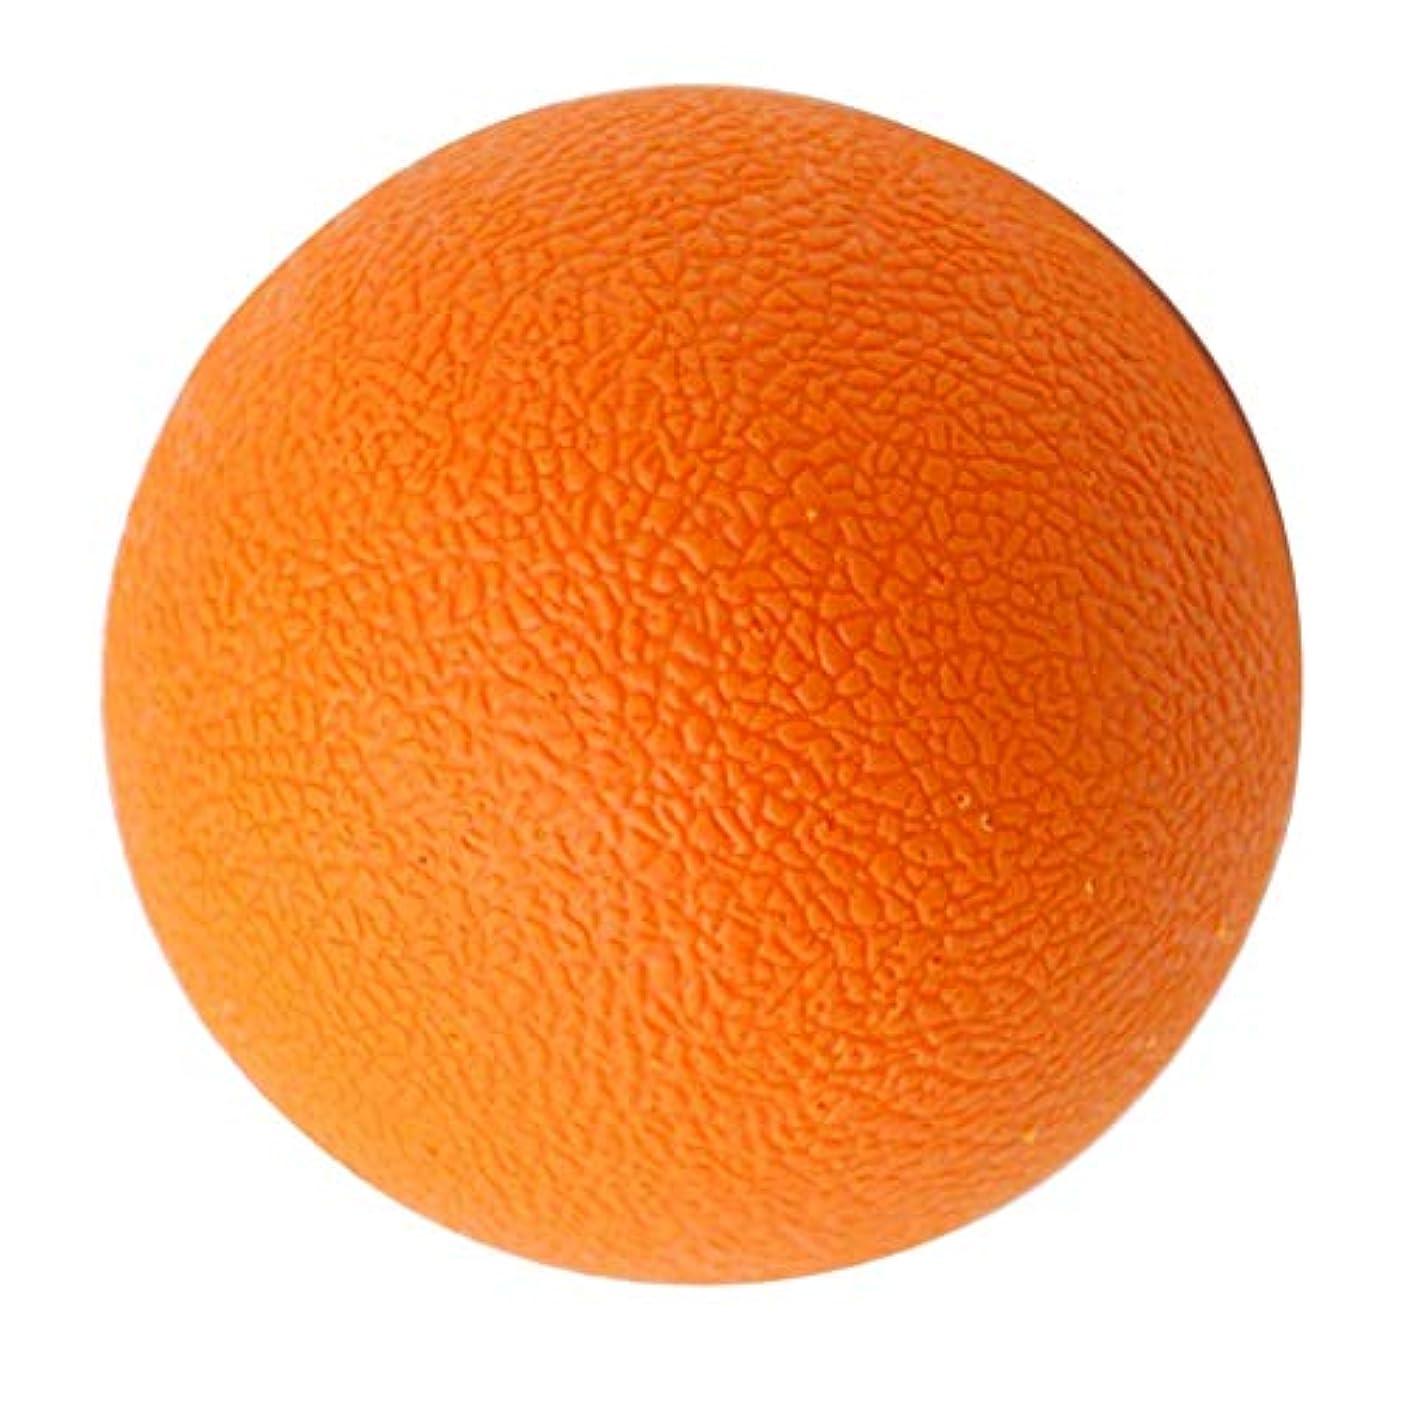 割り当てる評価可能オーロックdailymall マッサージボール ラクロスボール ストレッチボール 筋膜リリース 背中 肩 腰トレーニング ツボ押し